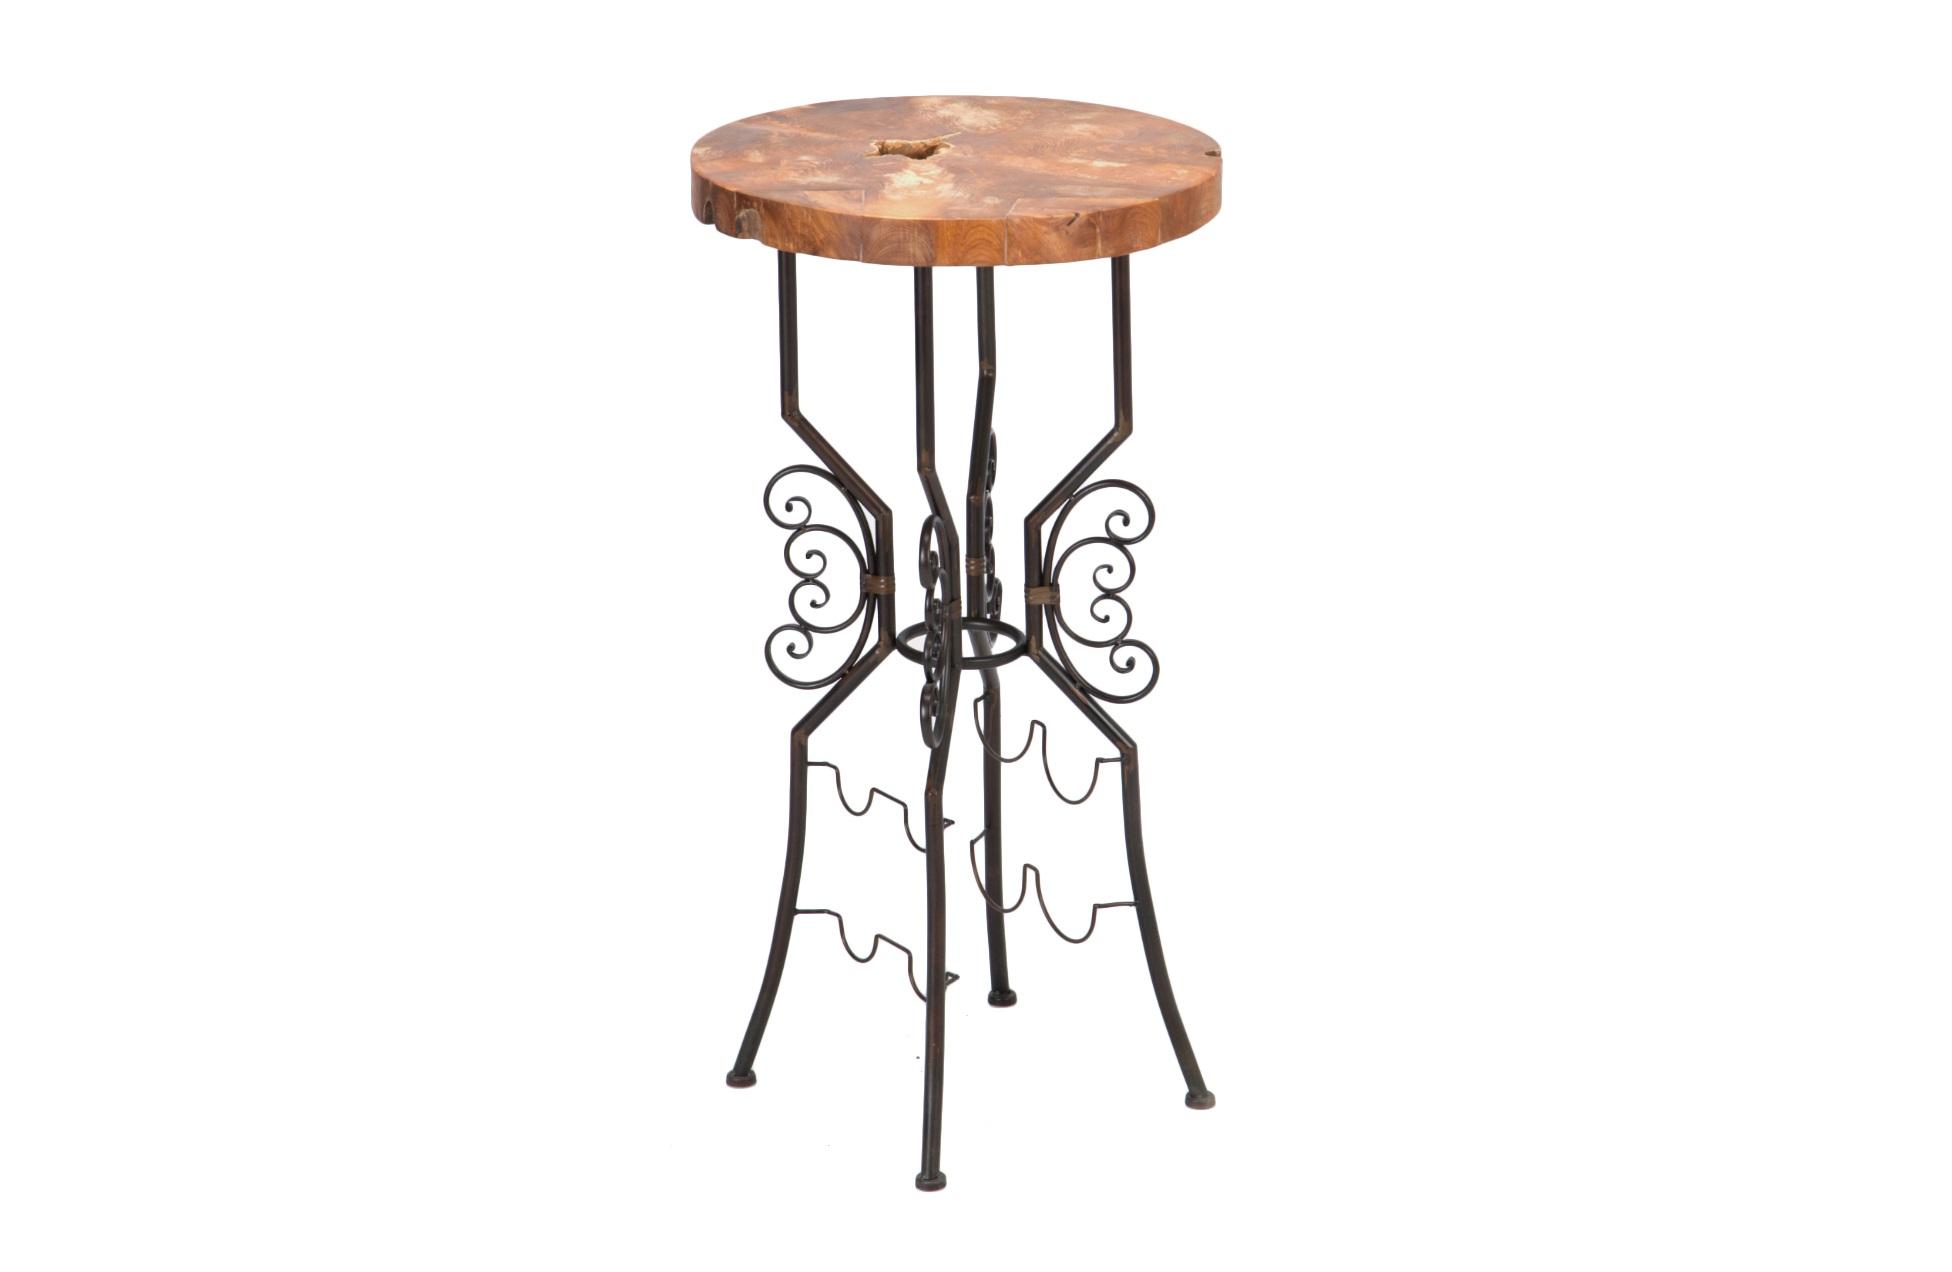 Столик барныйБарные столы<br>Столик высокий кованый из железа с держателями для напитков и бокалов. Столешница из состаренного тика.<br><br>Material: Тик<br>Height см: 104<br>Diameter см: 55